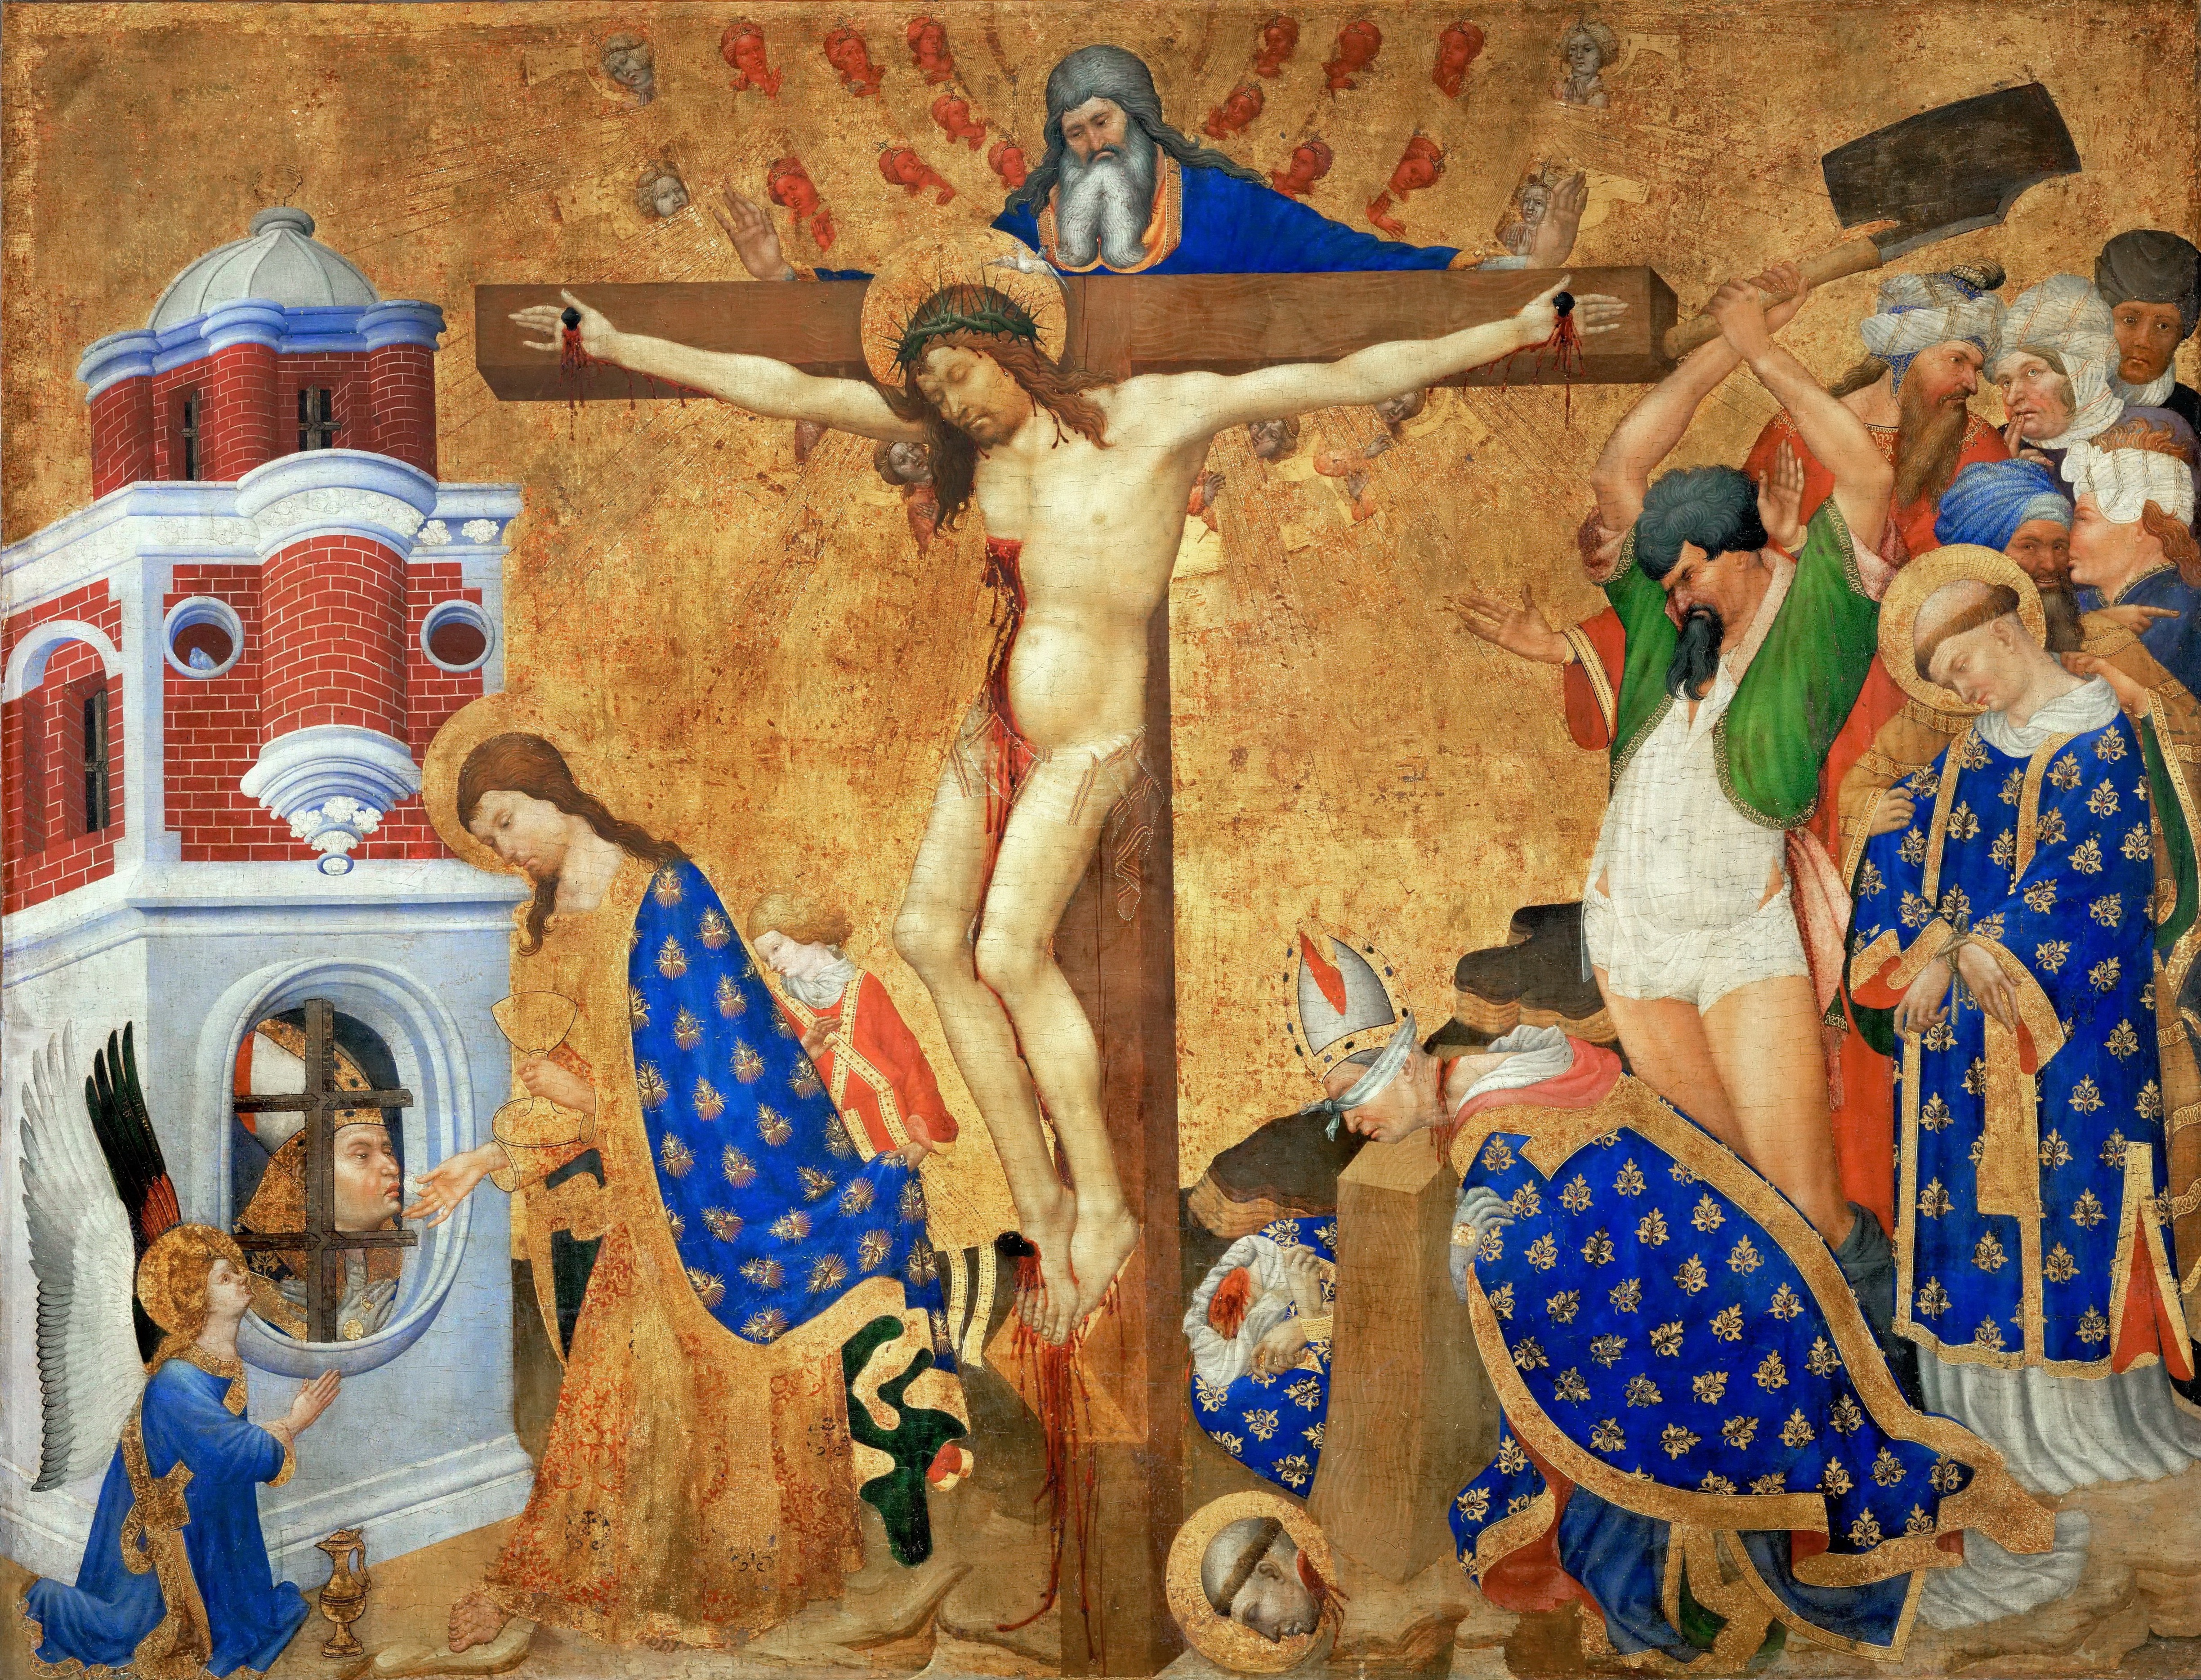 Henri Bellechose (d. ca 1440): Dionysius' siste kommunion og martyrium, altertavle for karteuserklosteret Champol i Burgund (1416), nå i Musée du Louvre i Paris